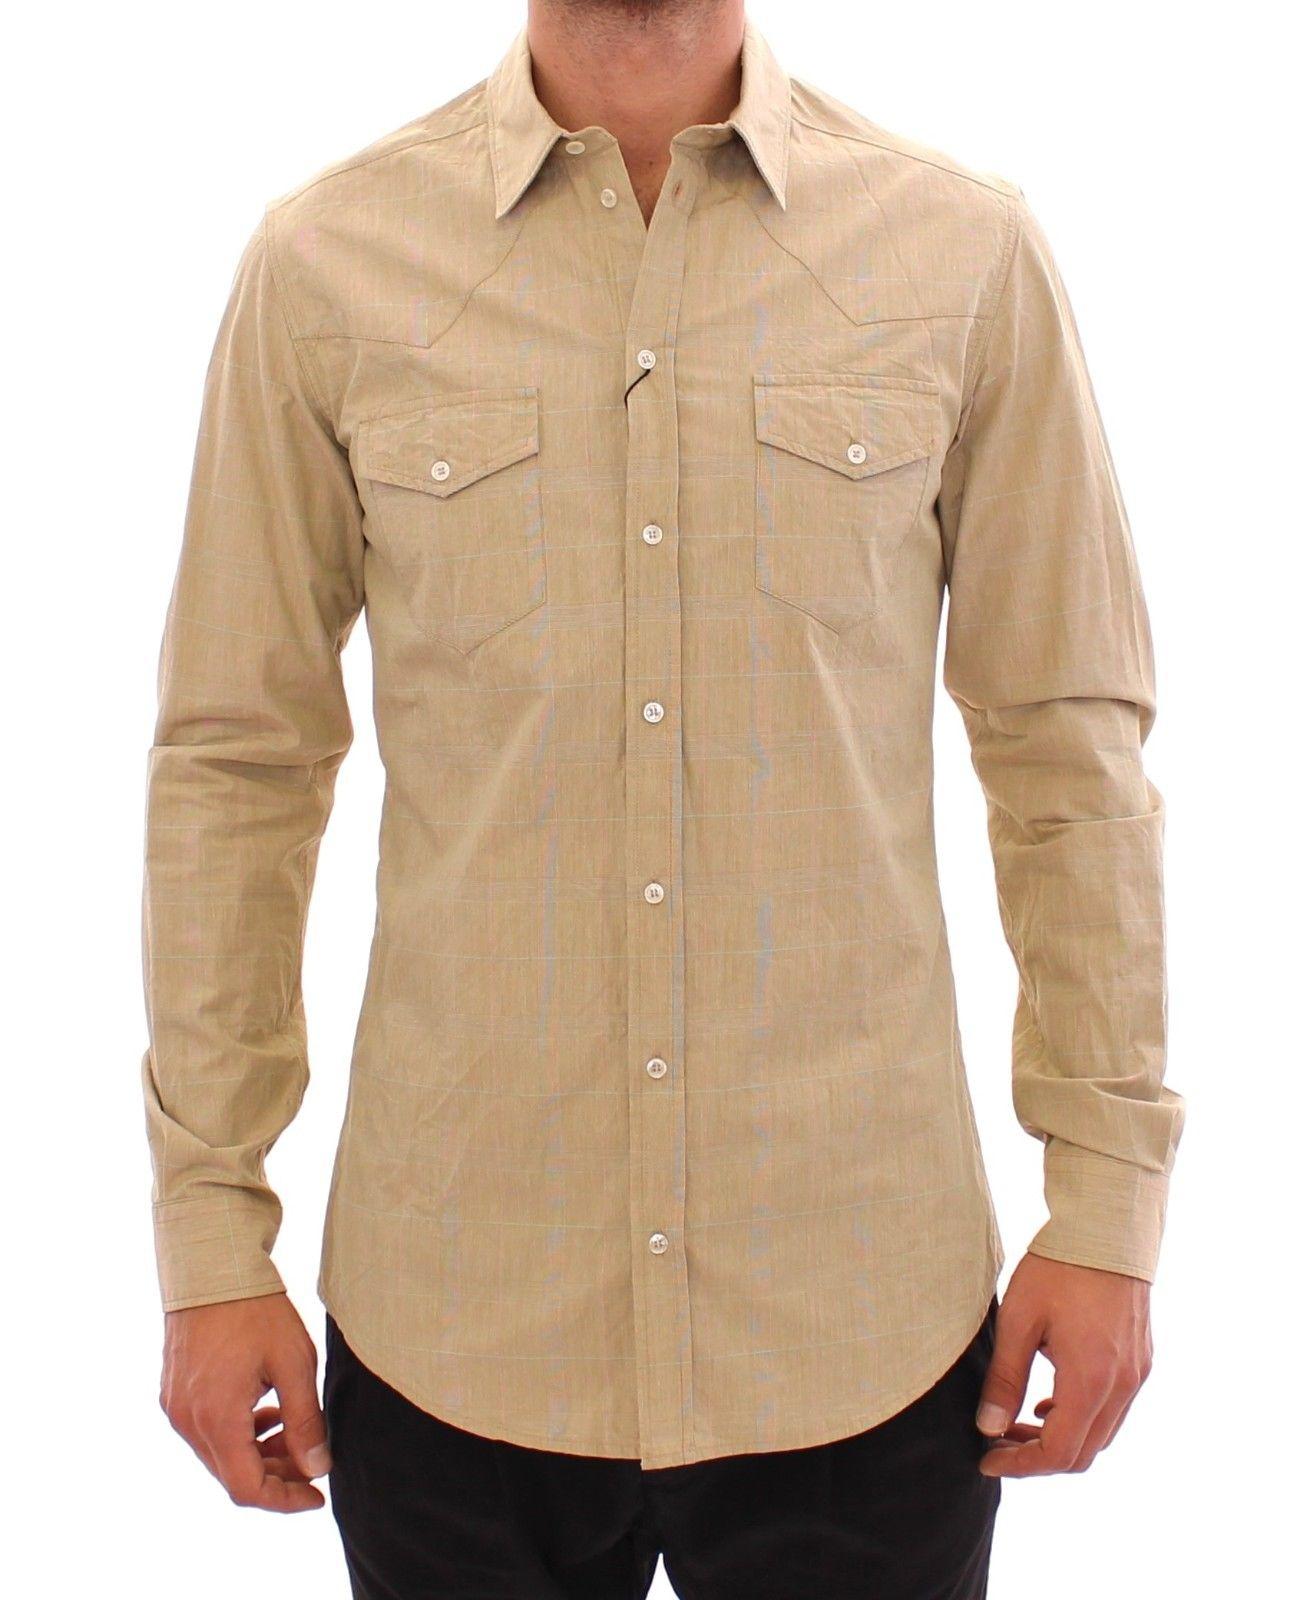 Dolce & Gabbana Men's Checkered Fit Logo Casual Shirt Beige GSS10403 - 39